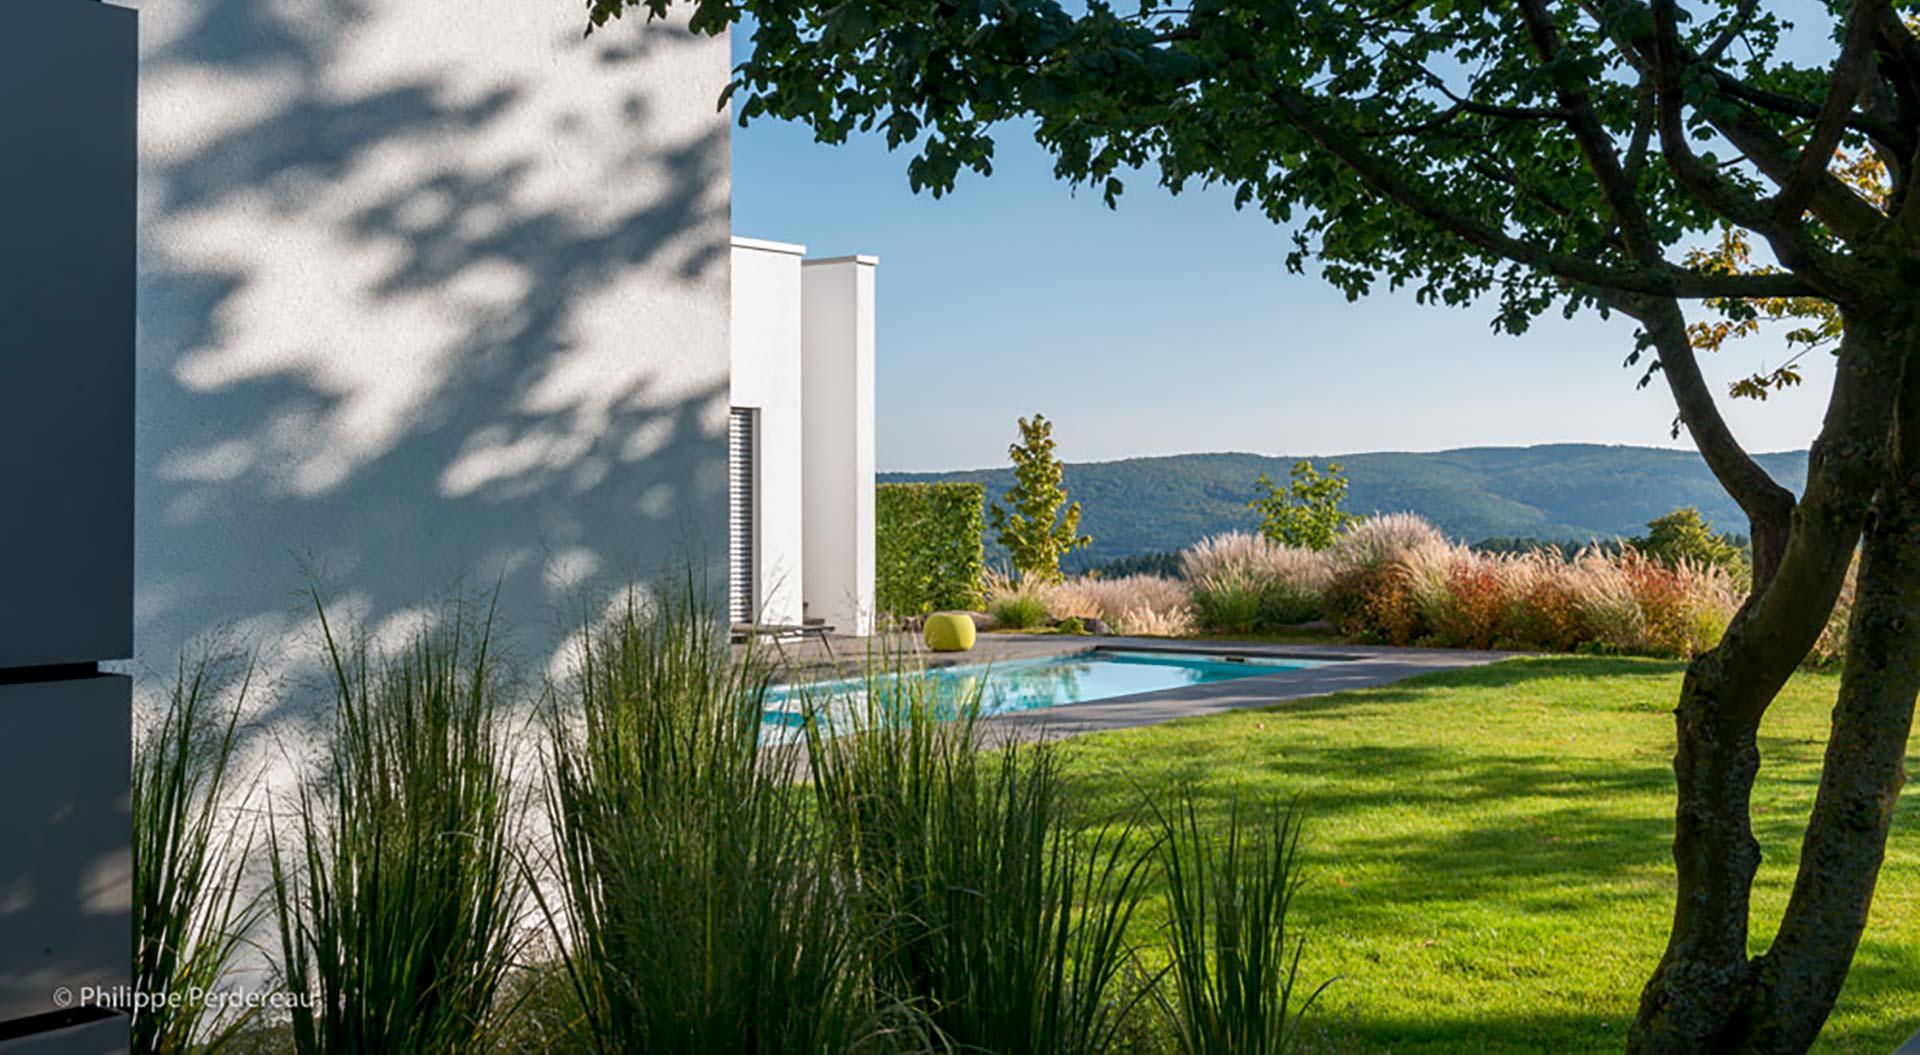 Garten mit Pool und Blick in Ferne